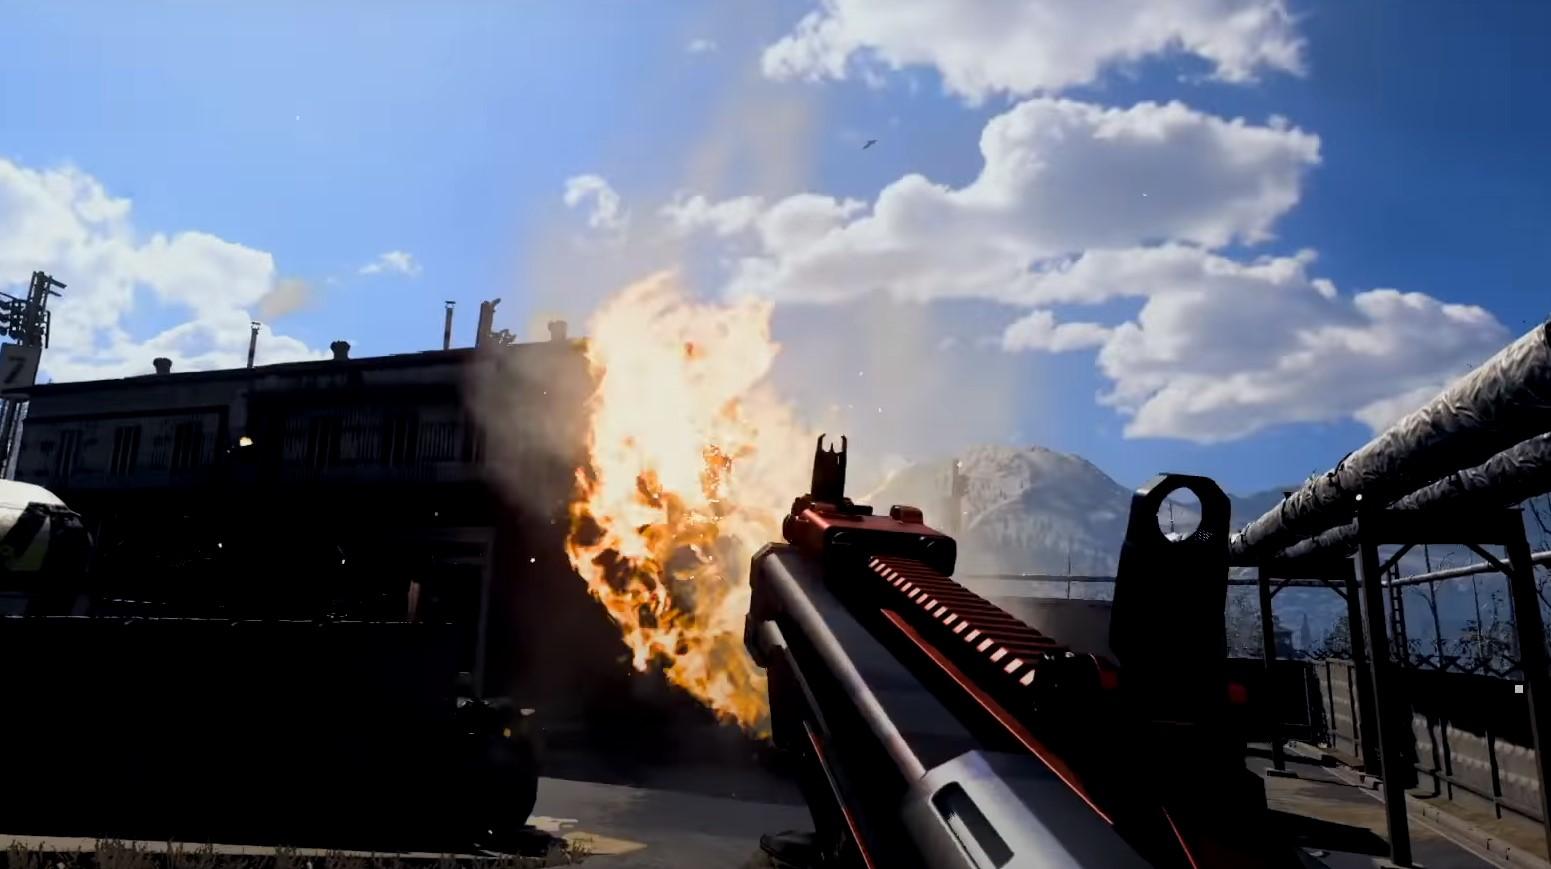 R9-0 Dragon's Breath in Warzone.